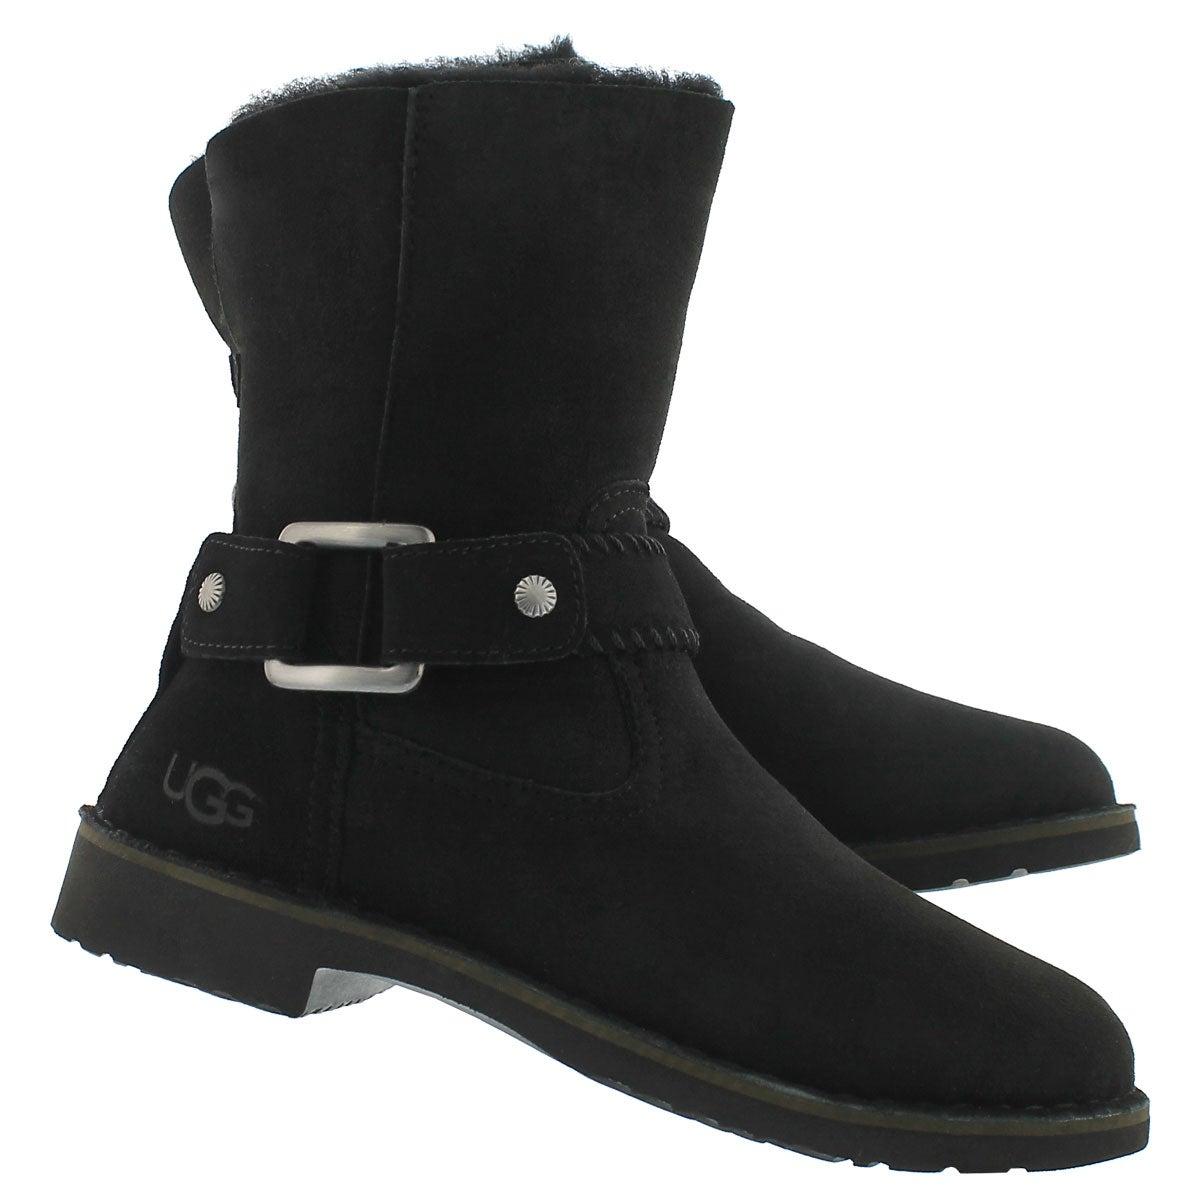 Lds Cedric blk fold down sheepskin boot